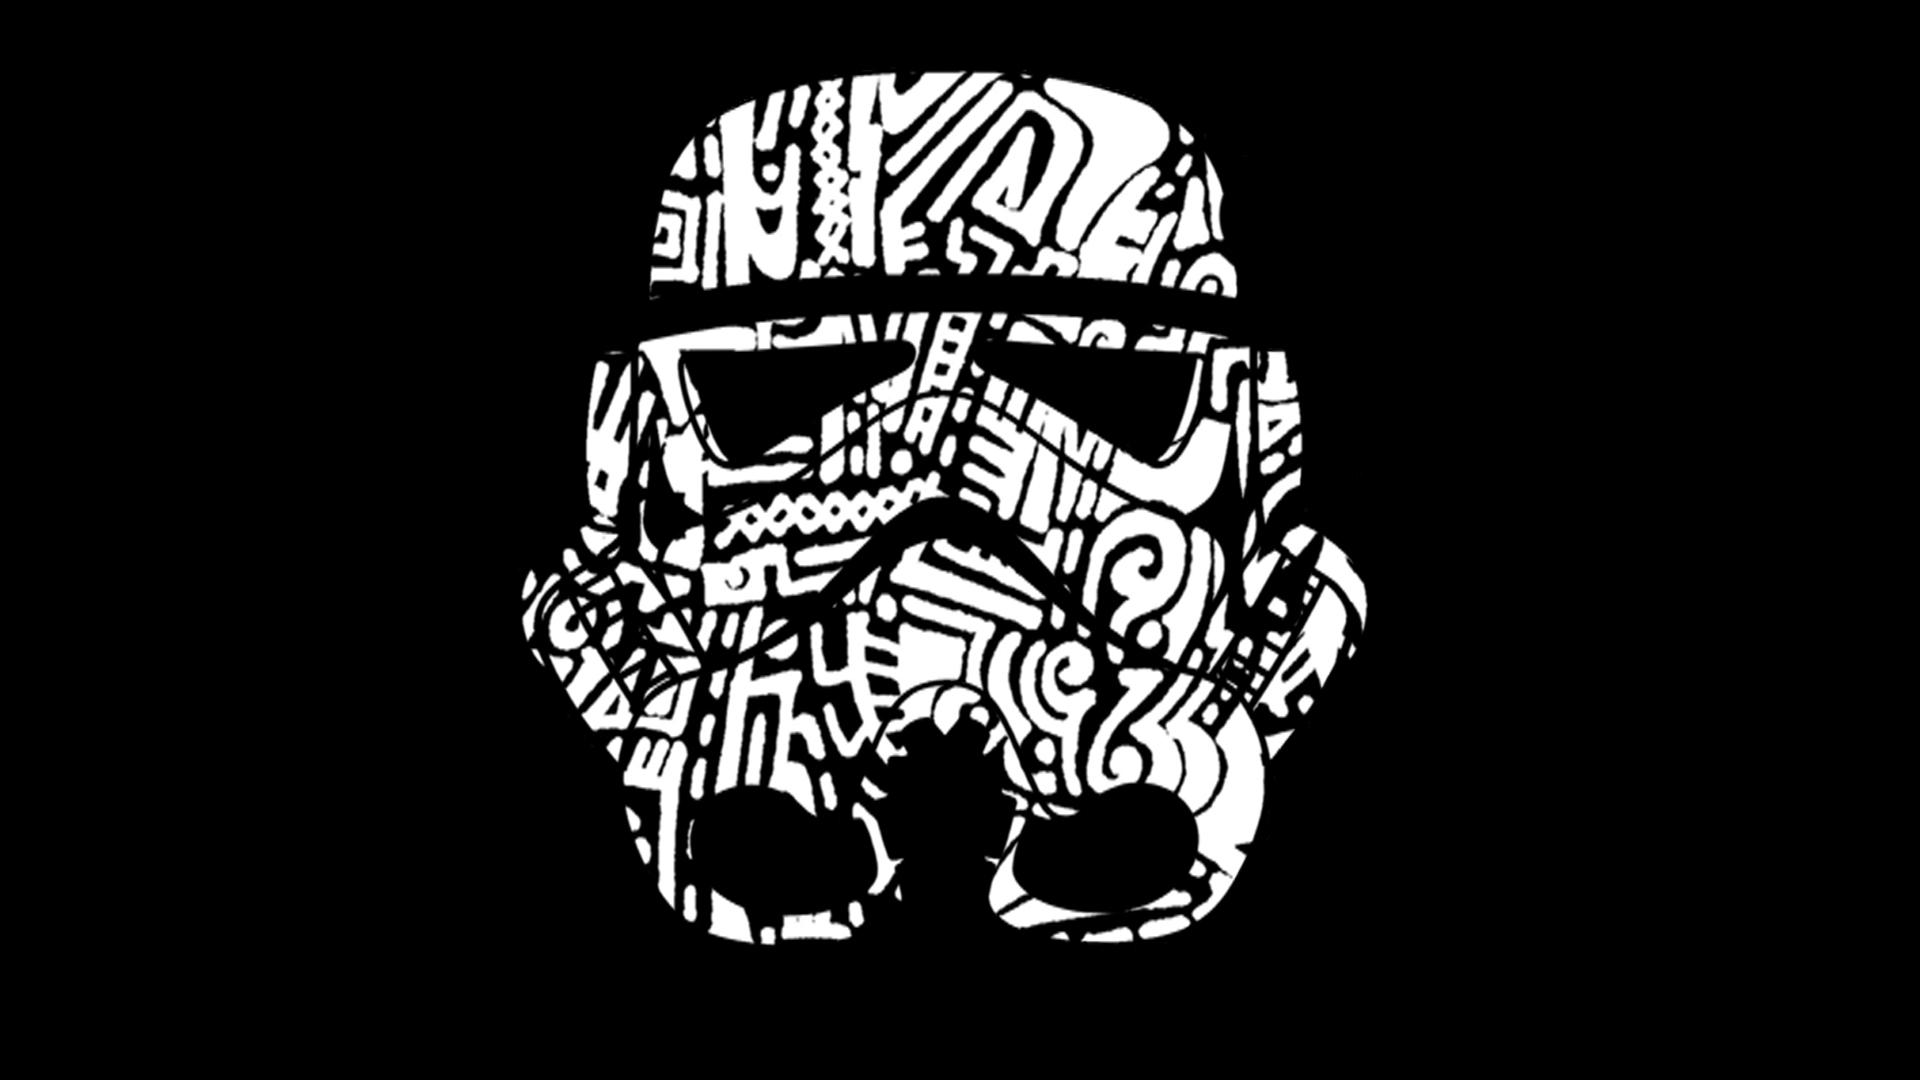 Star Wars Pulp Fiction Hd Desktop Wallpaper High Definition 1920x1080